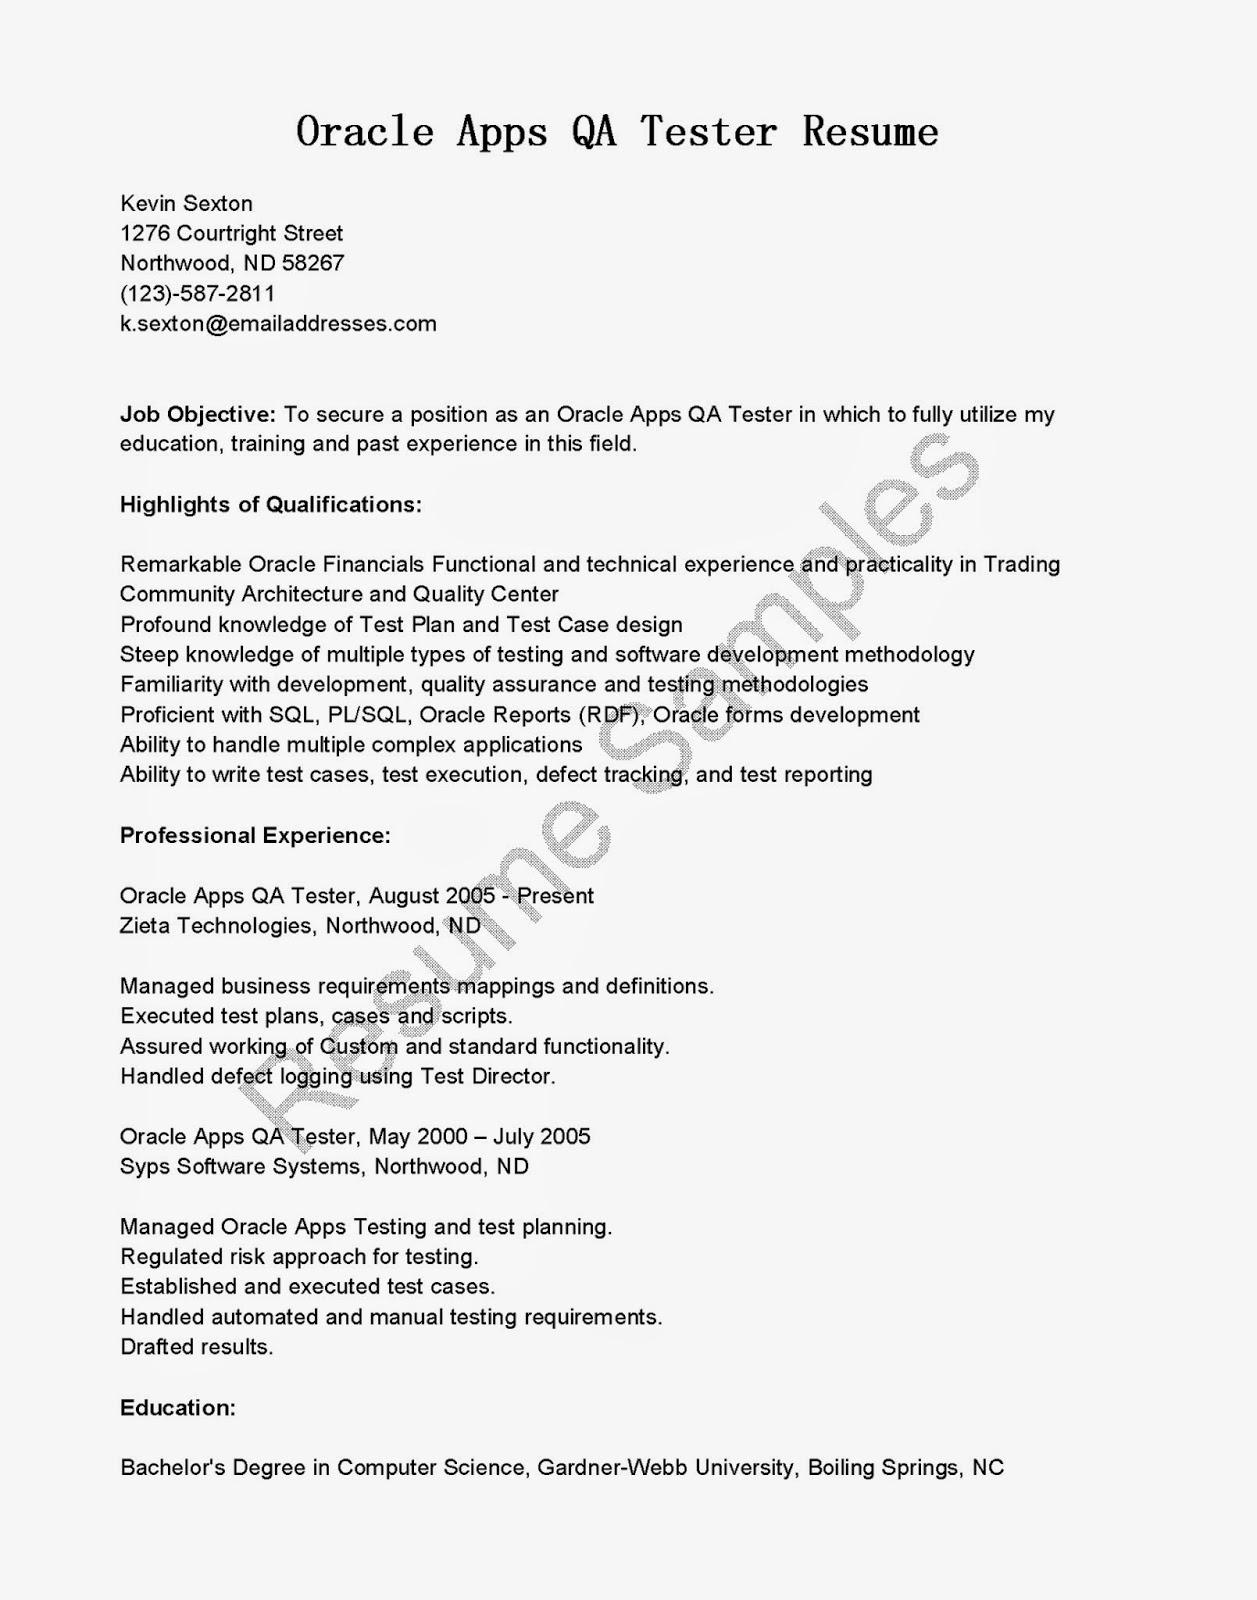 sample qa tester resume for banking